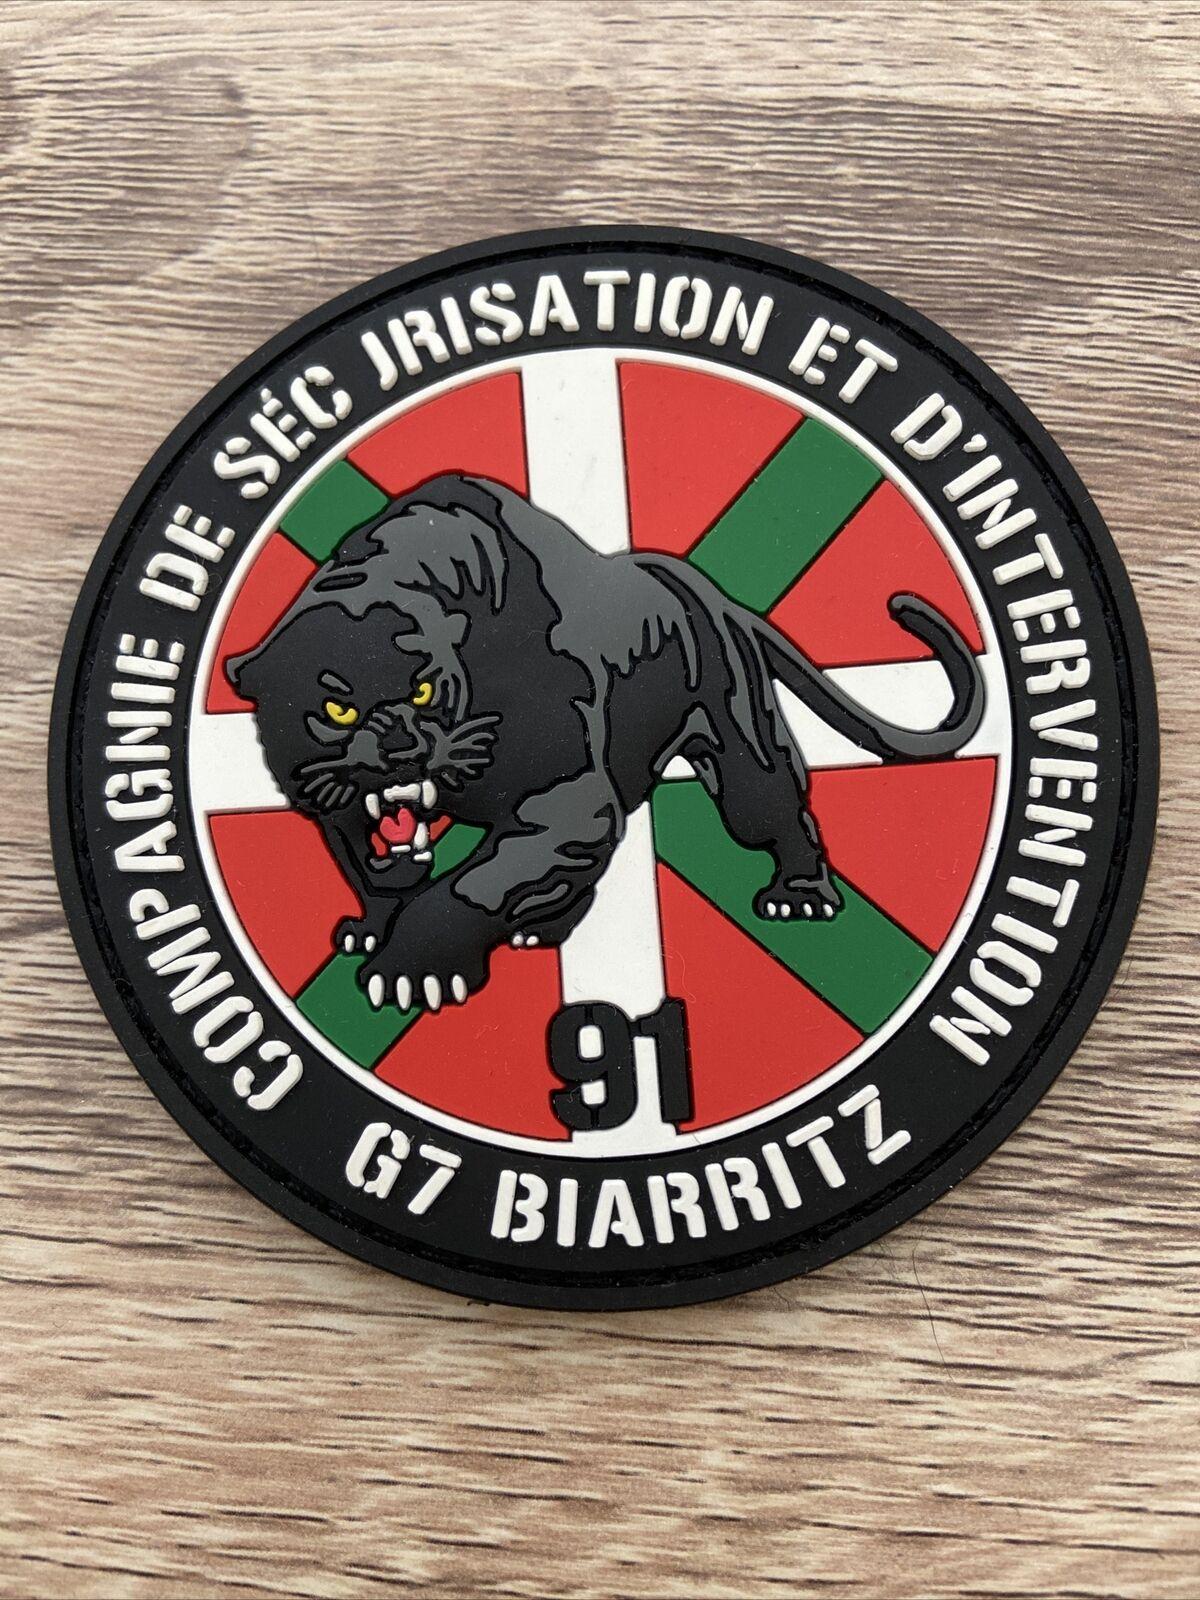 Ecusson Police Nationale - CSI 91 - G7 Biarritz 2019